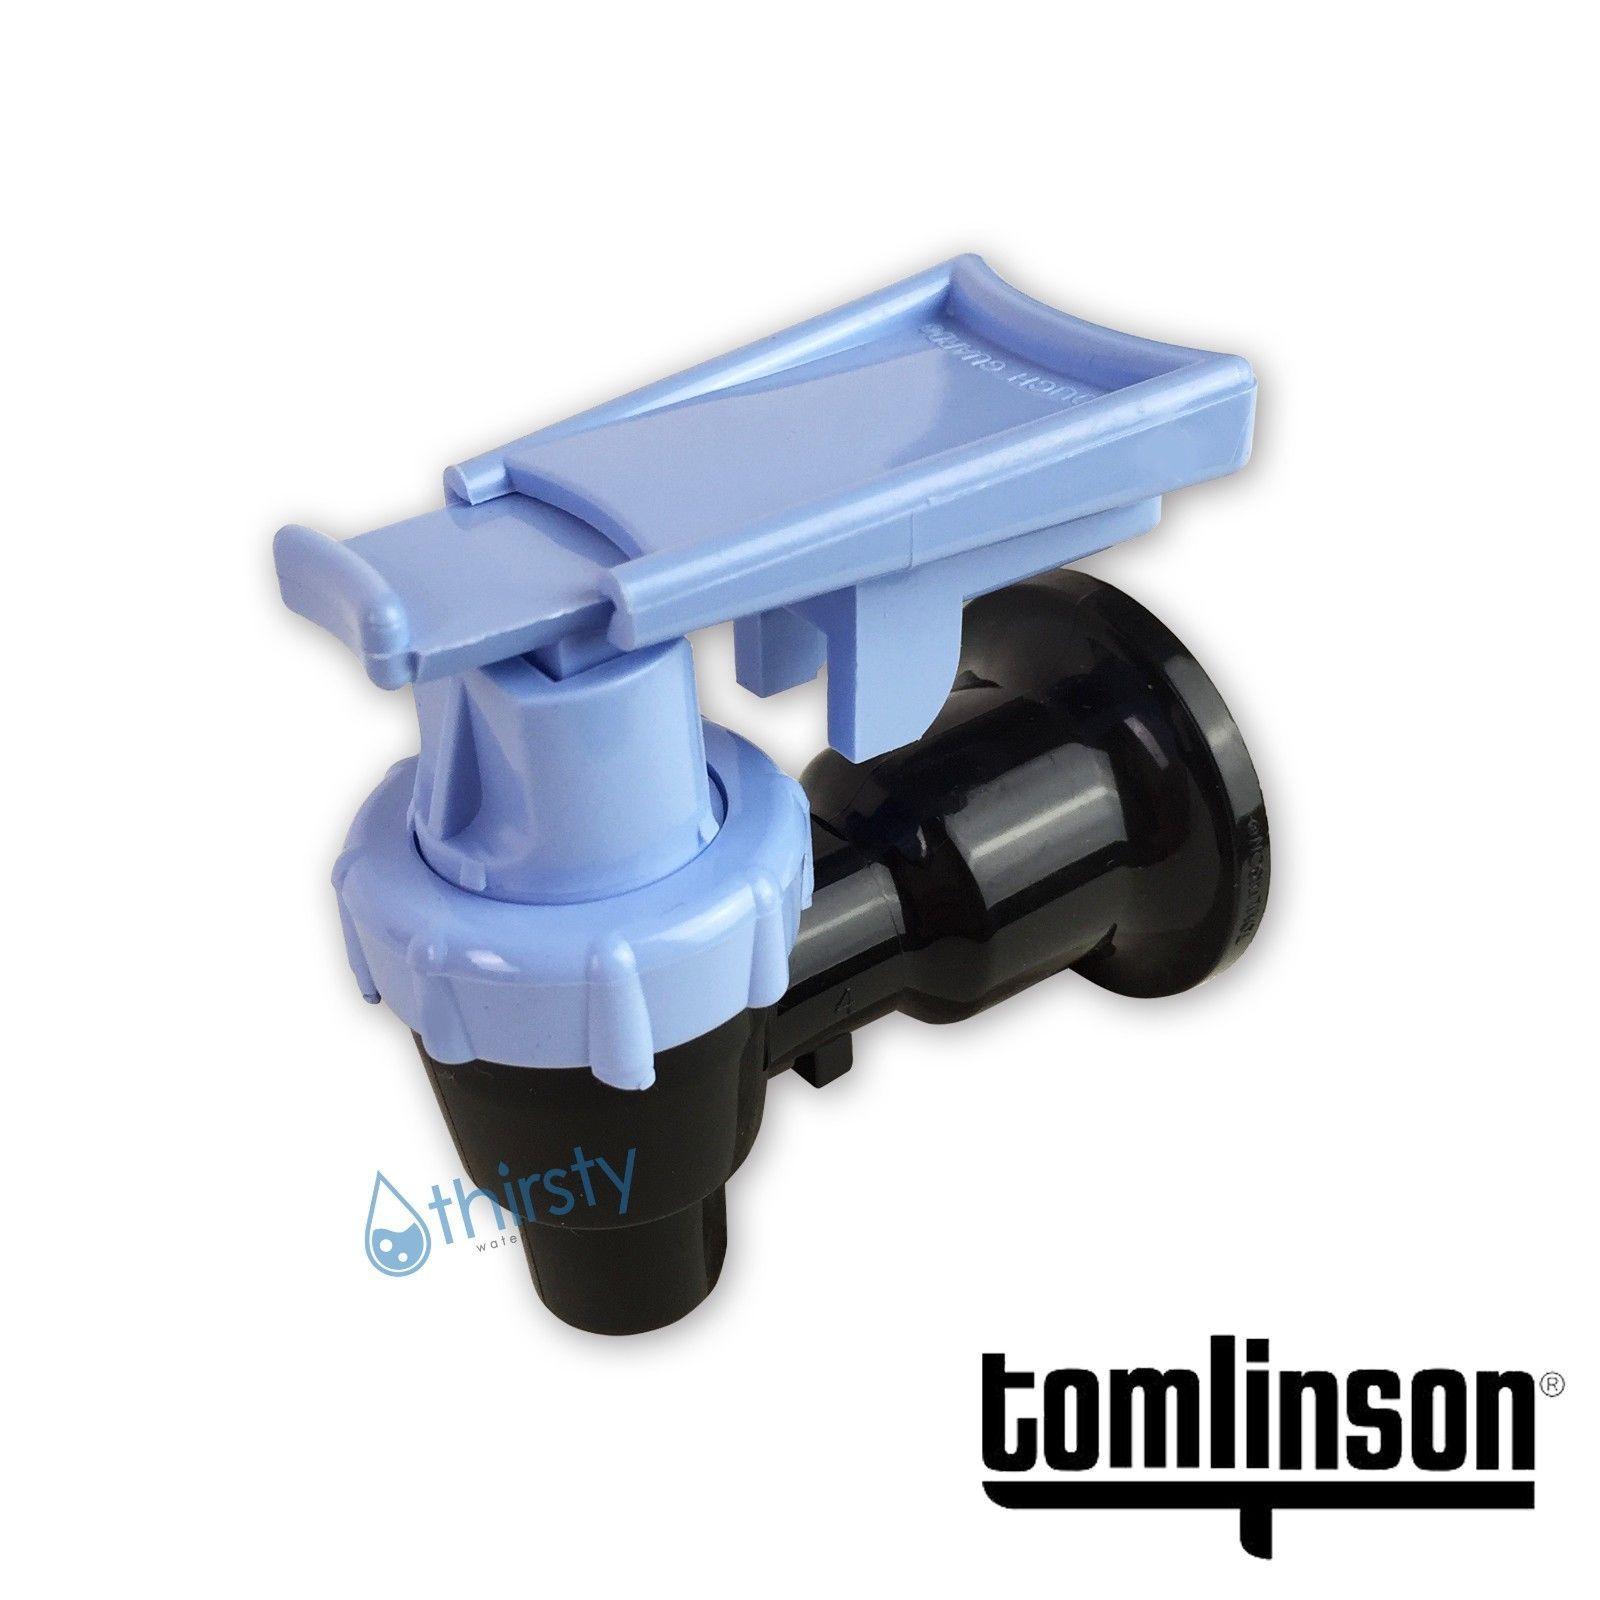 Tomlinson Spigot Water Crock Replacement Spigot Faucet Base Body Blue USA